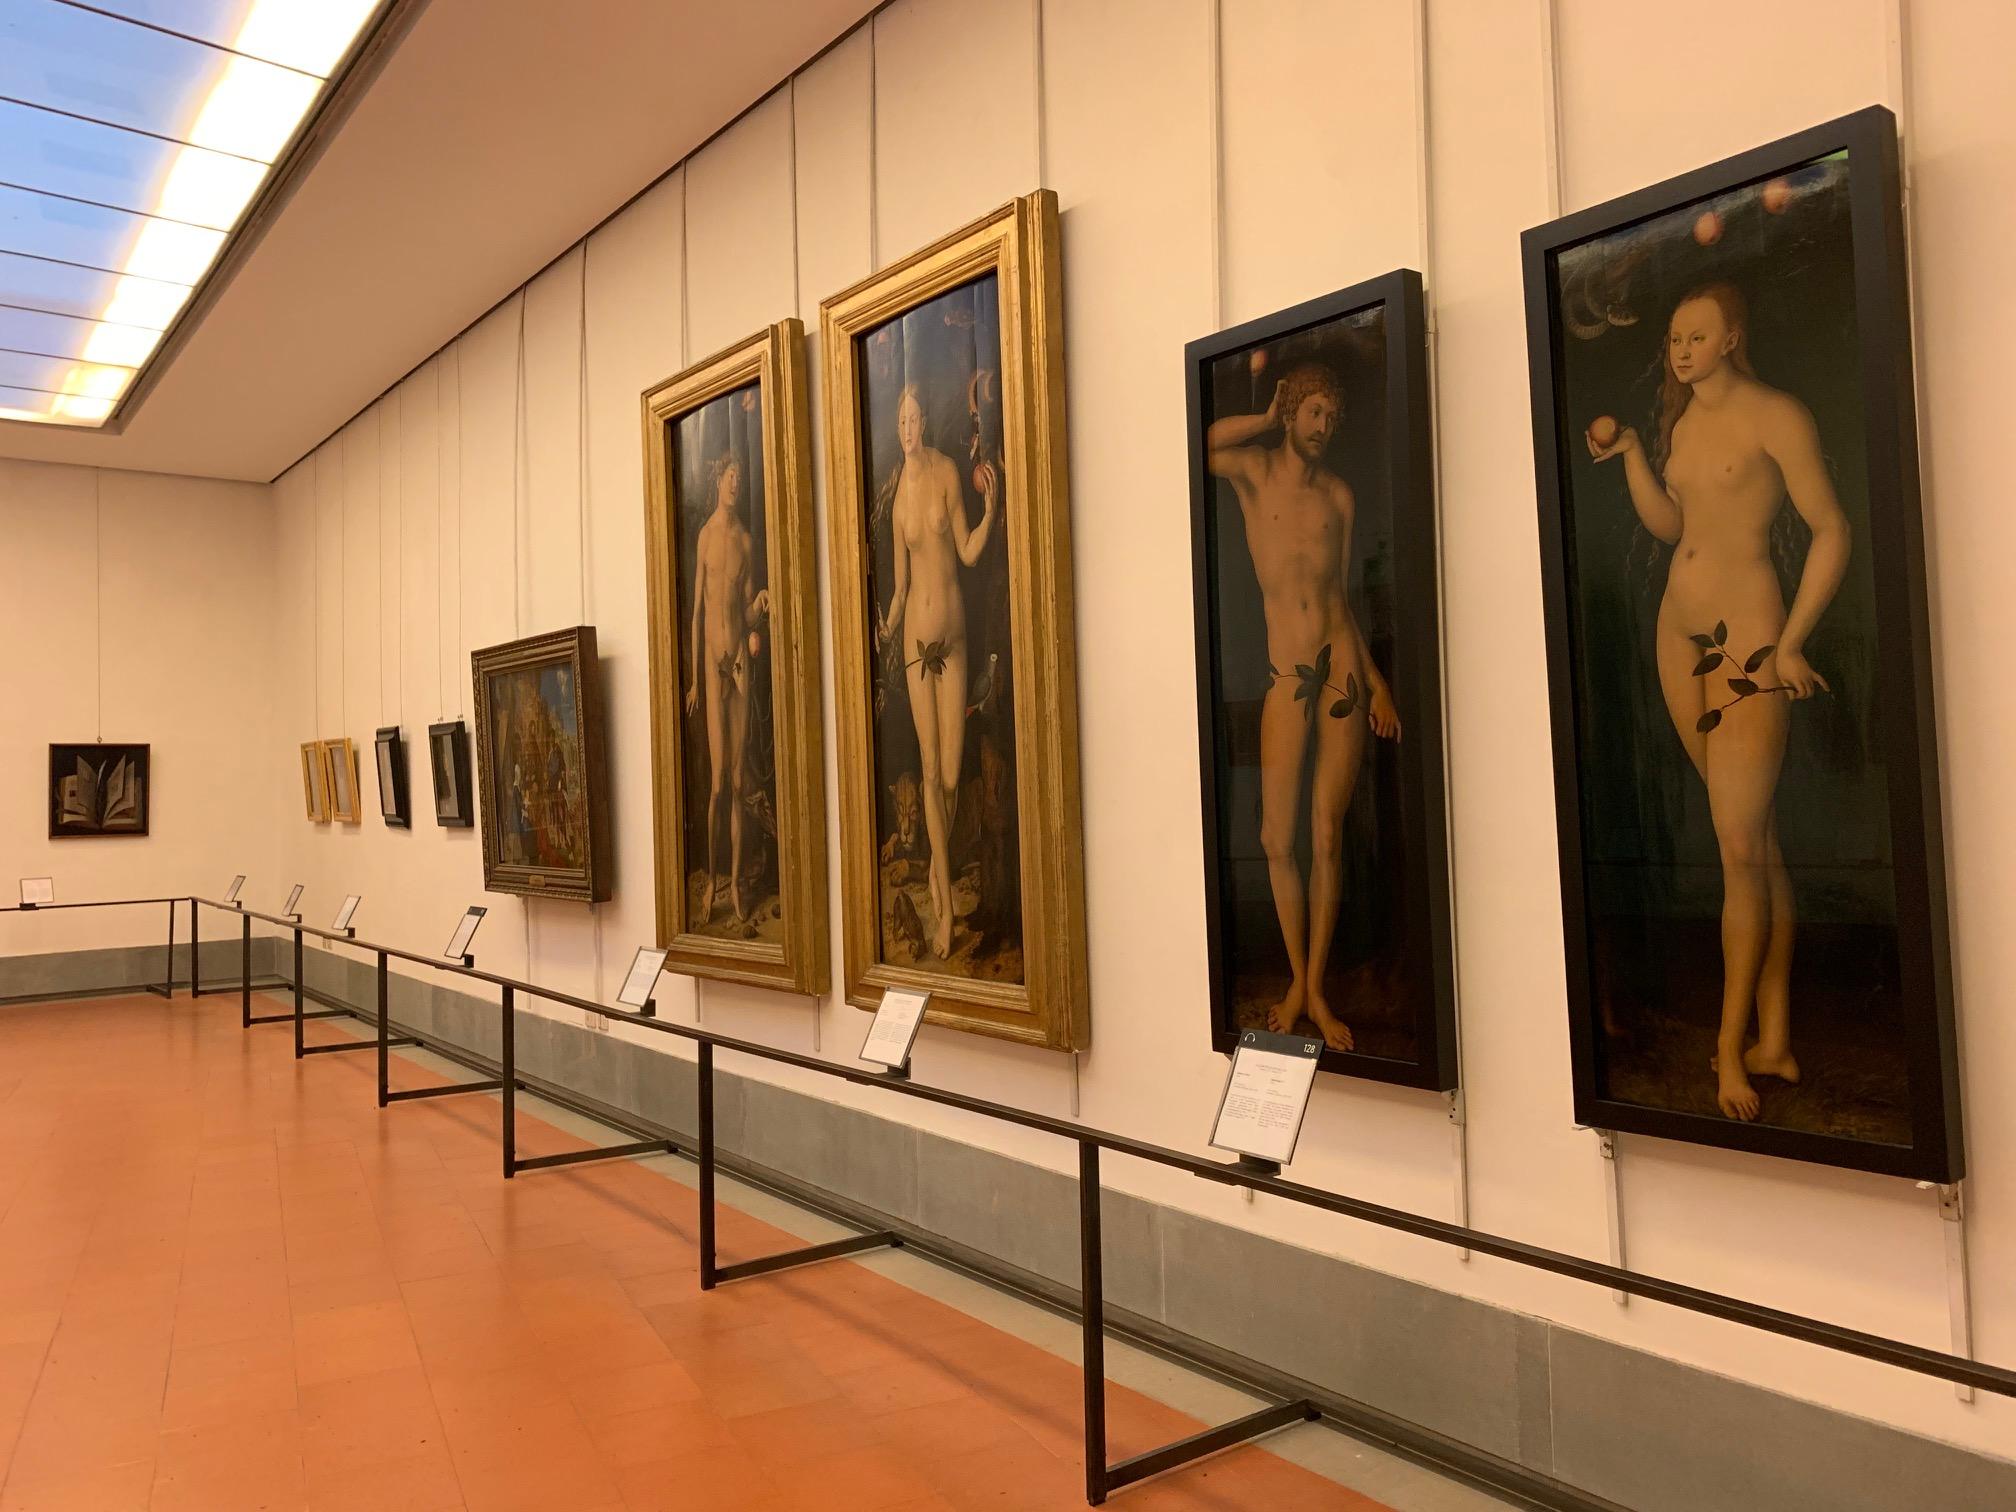 Uffizi, nuovo allestimento per la Sala del Rinascimento Nordico con opere tratte dai depositi